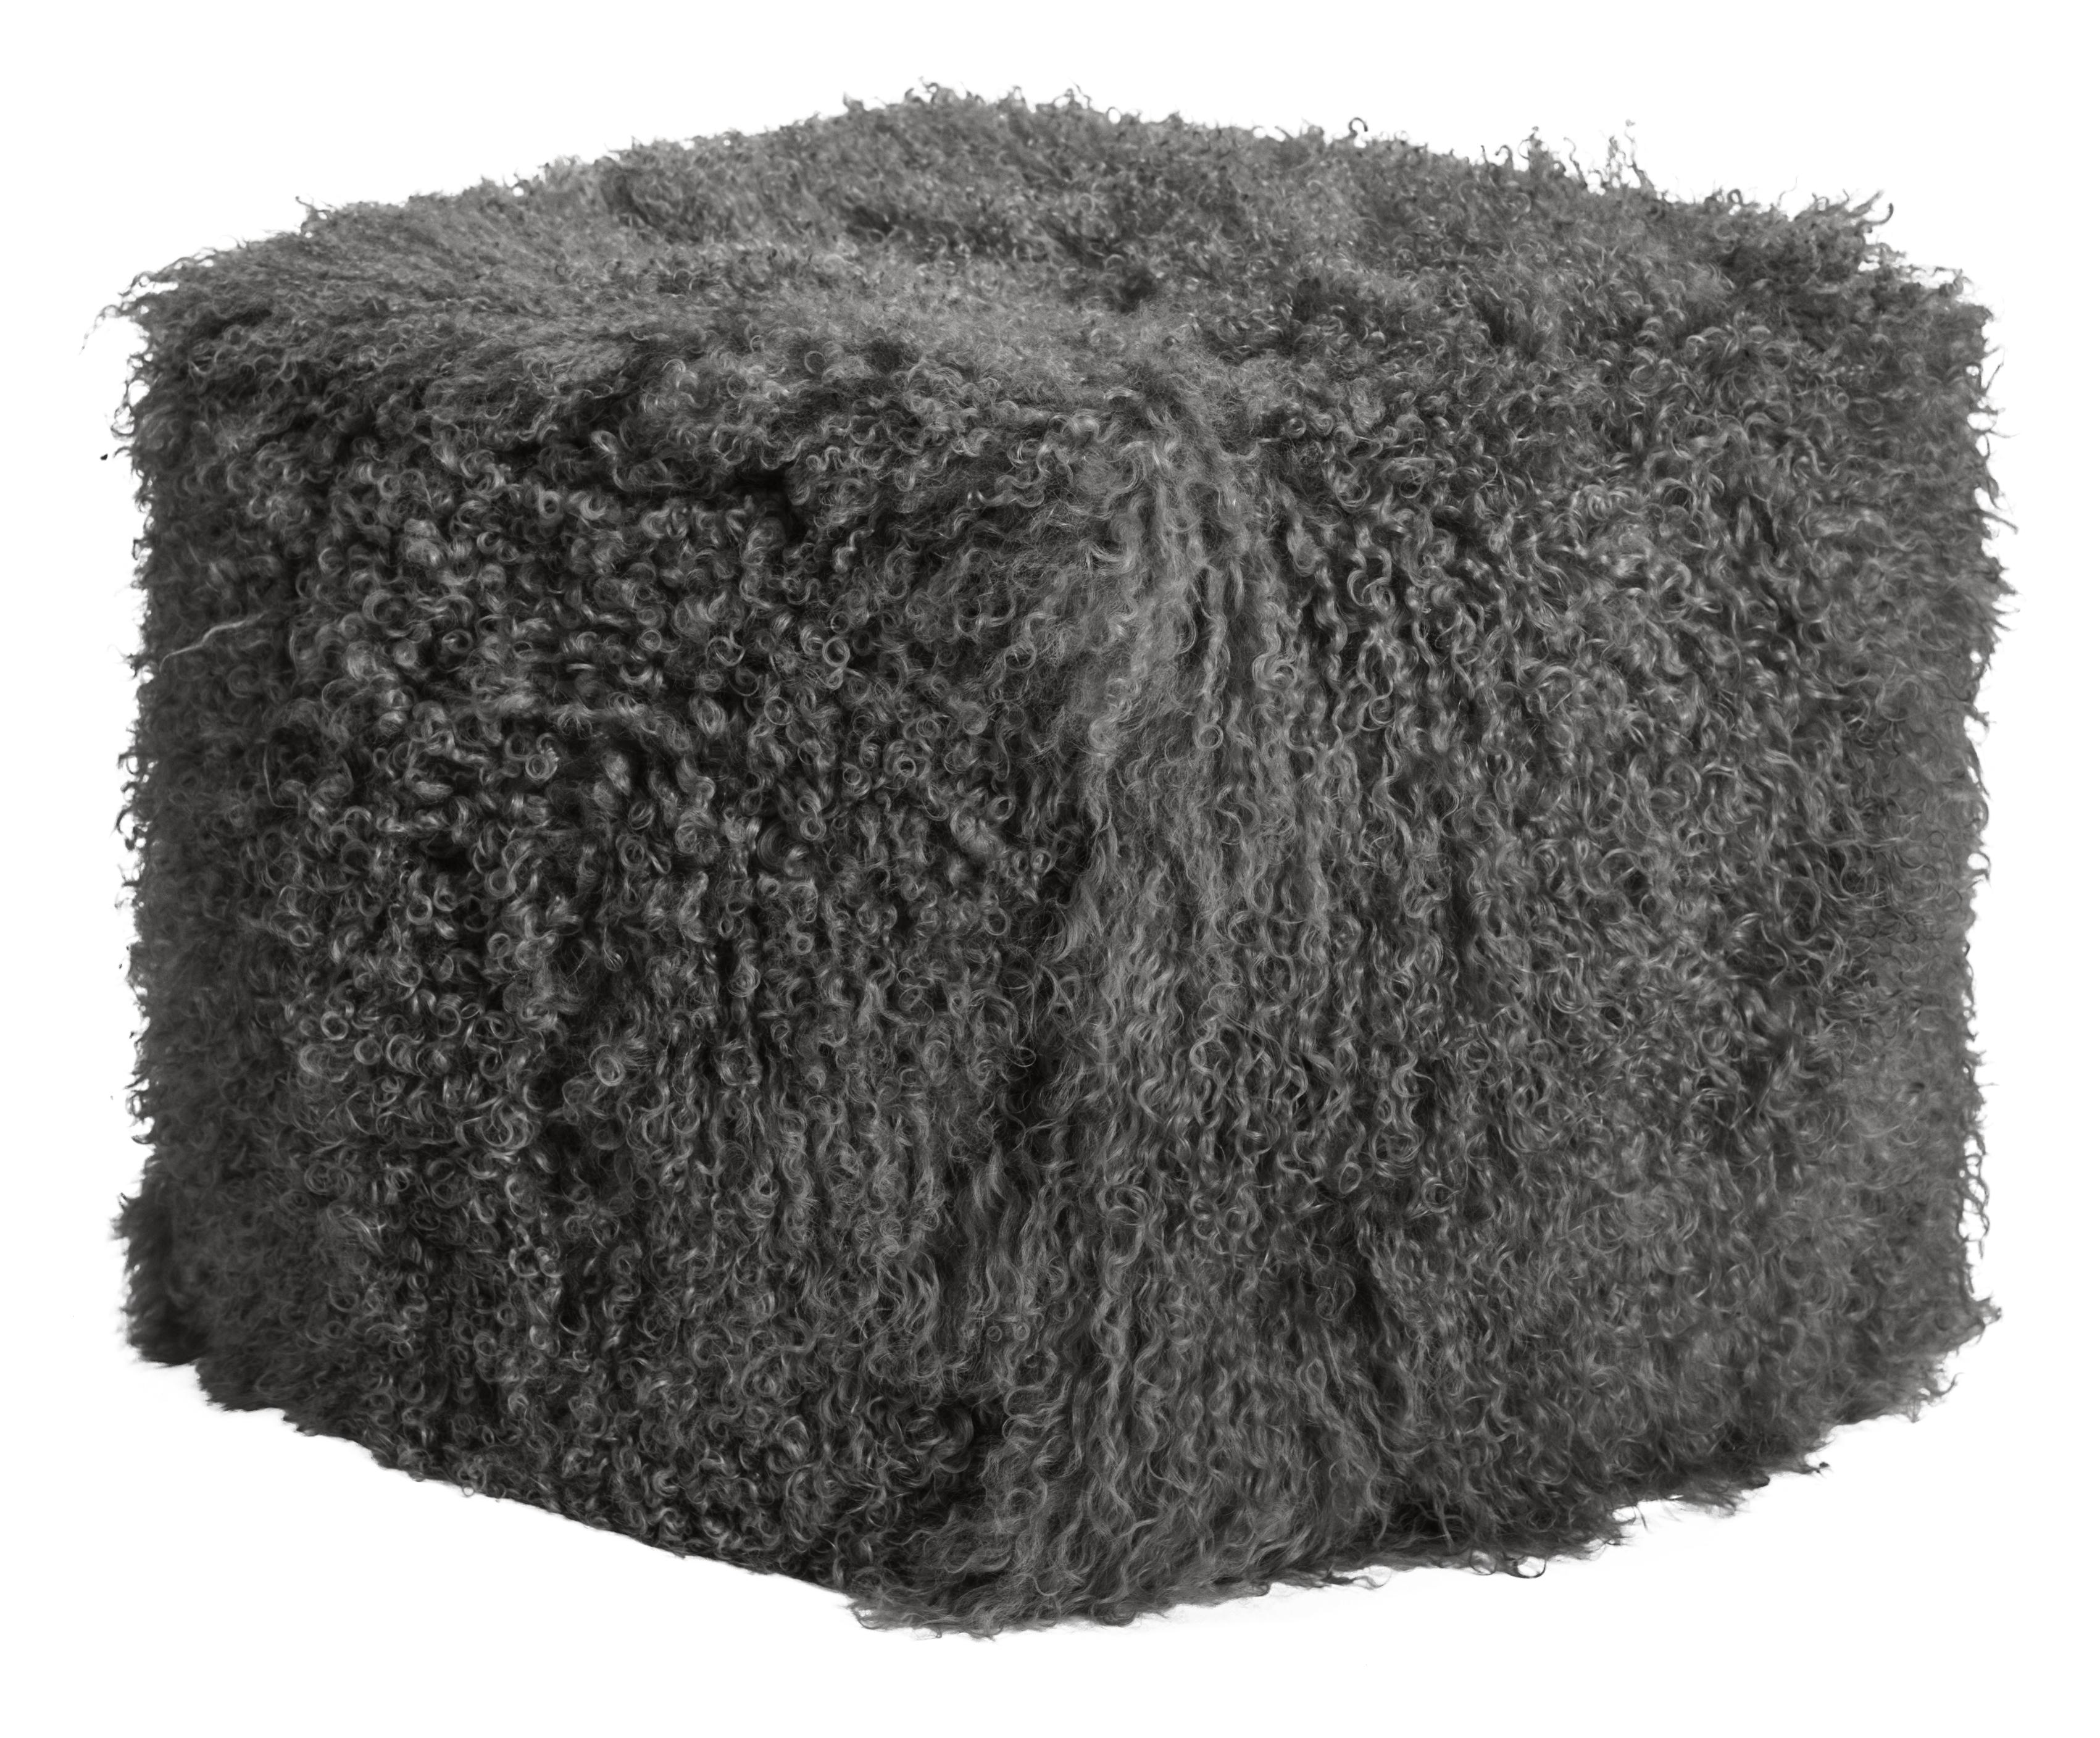 Pouf d'intérieur laine d'agneau tibétain anthracite